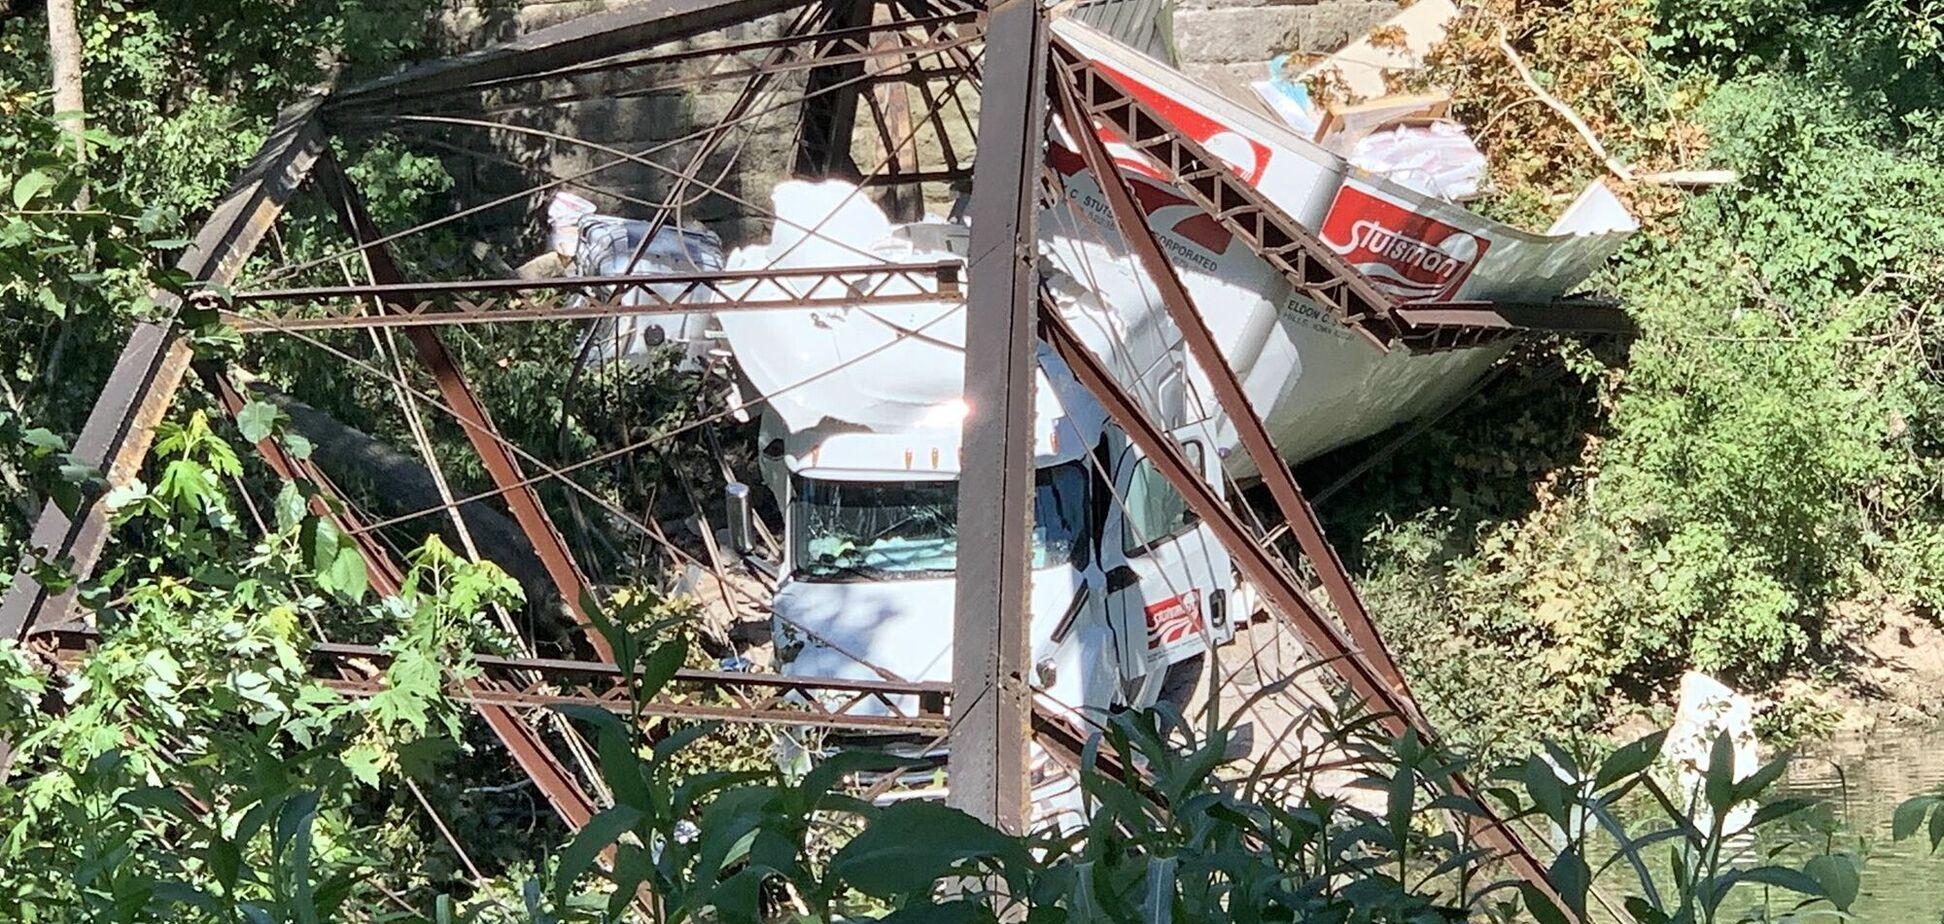 Величезна вантажівка зруйнувала міст і провалилася в річку. Фото: Twitter Ashley Eddy KRCG 13